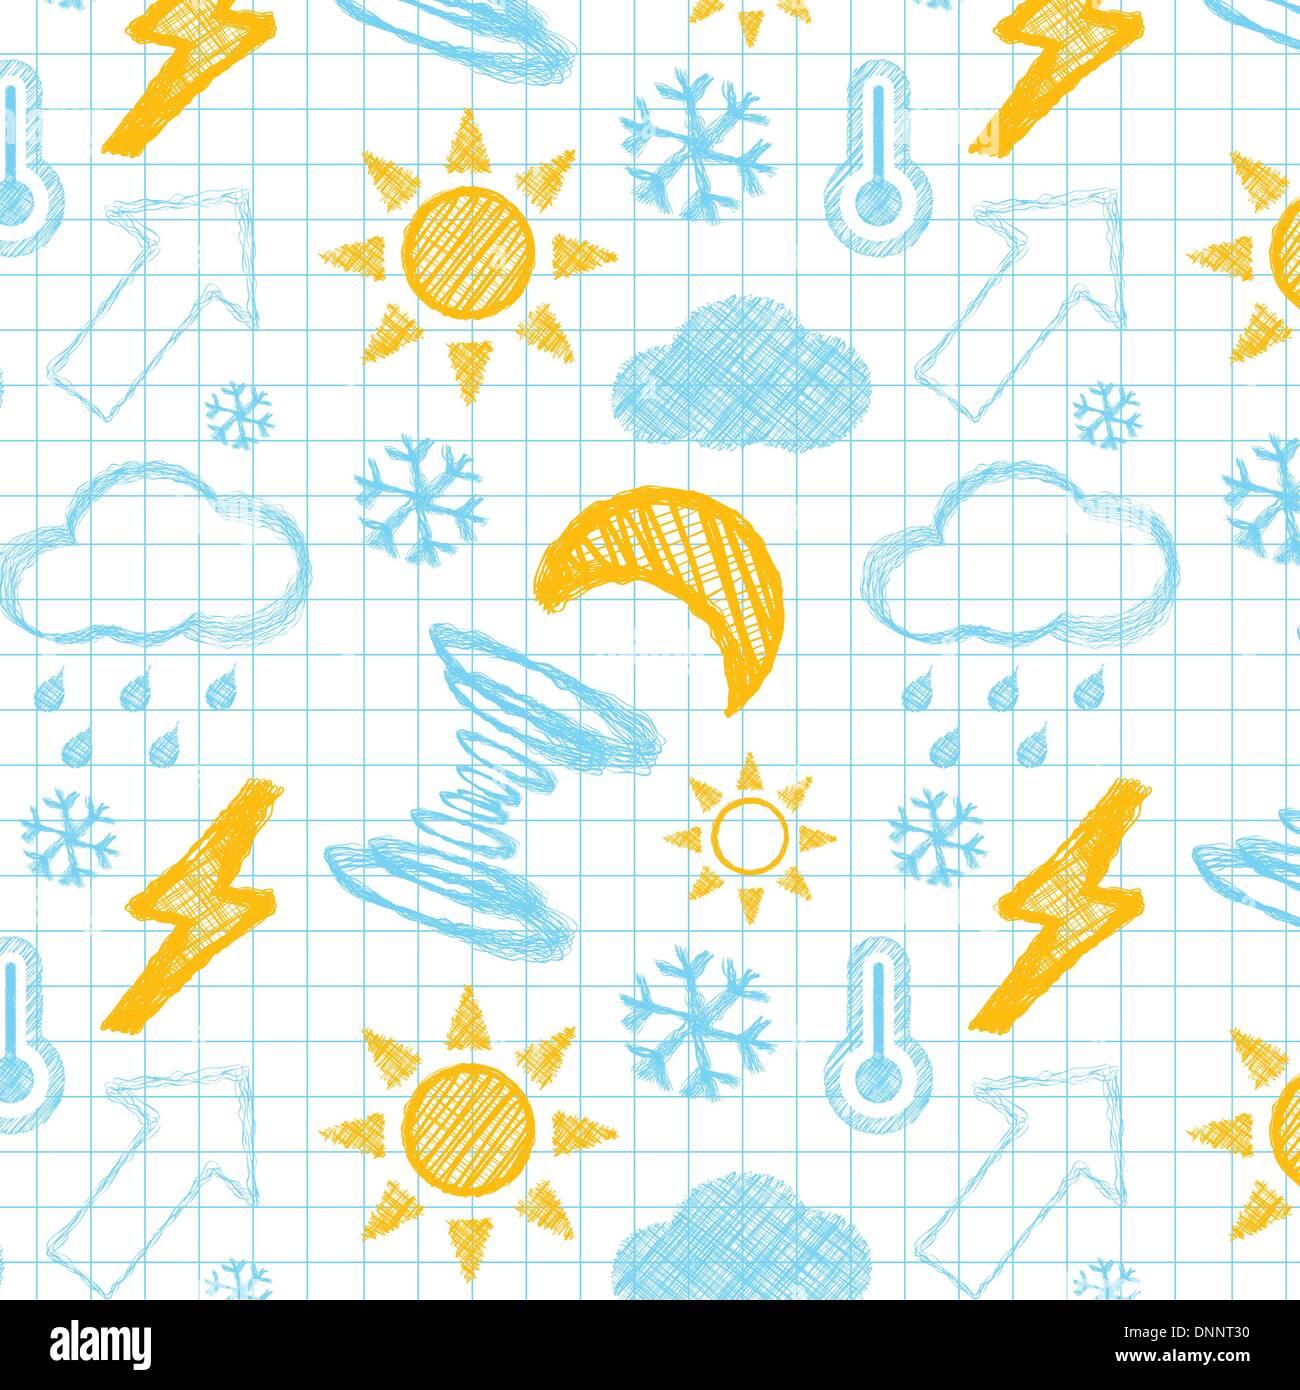 Tiempo patrón perfecta dibujada a mano. Ilustración Vectror Imagen De Stock